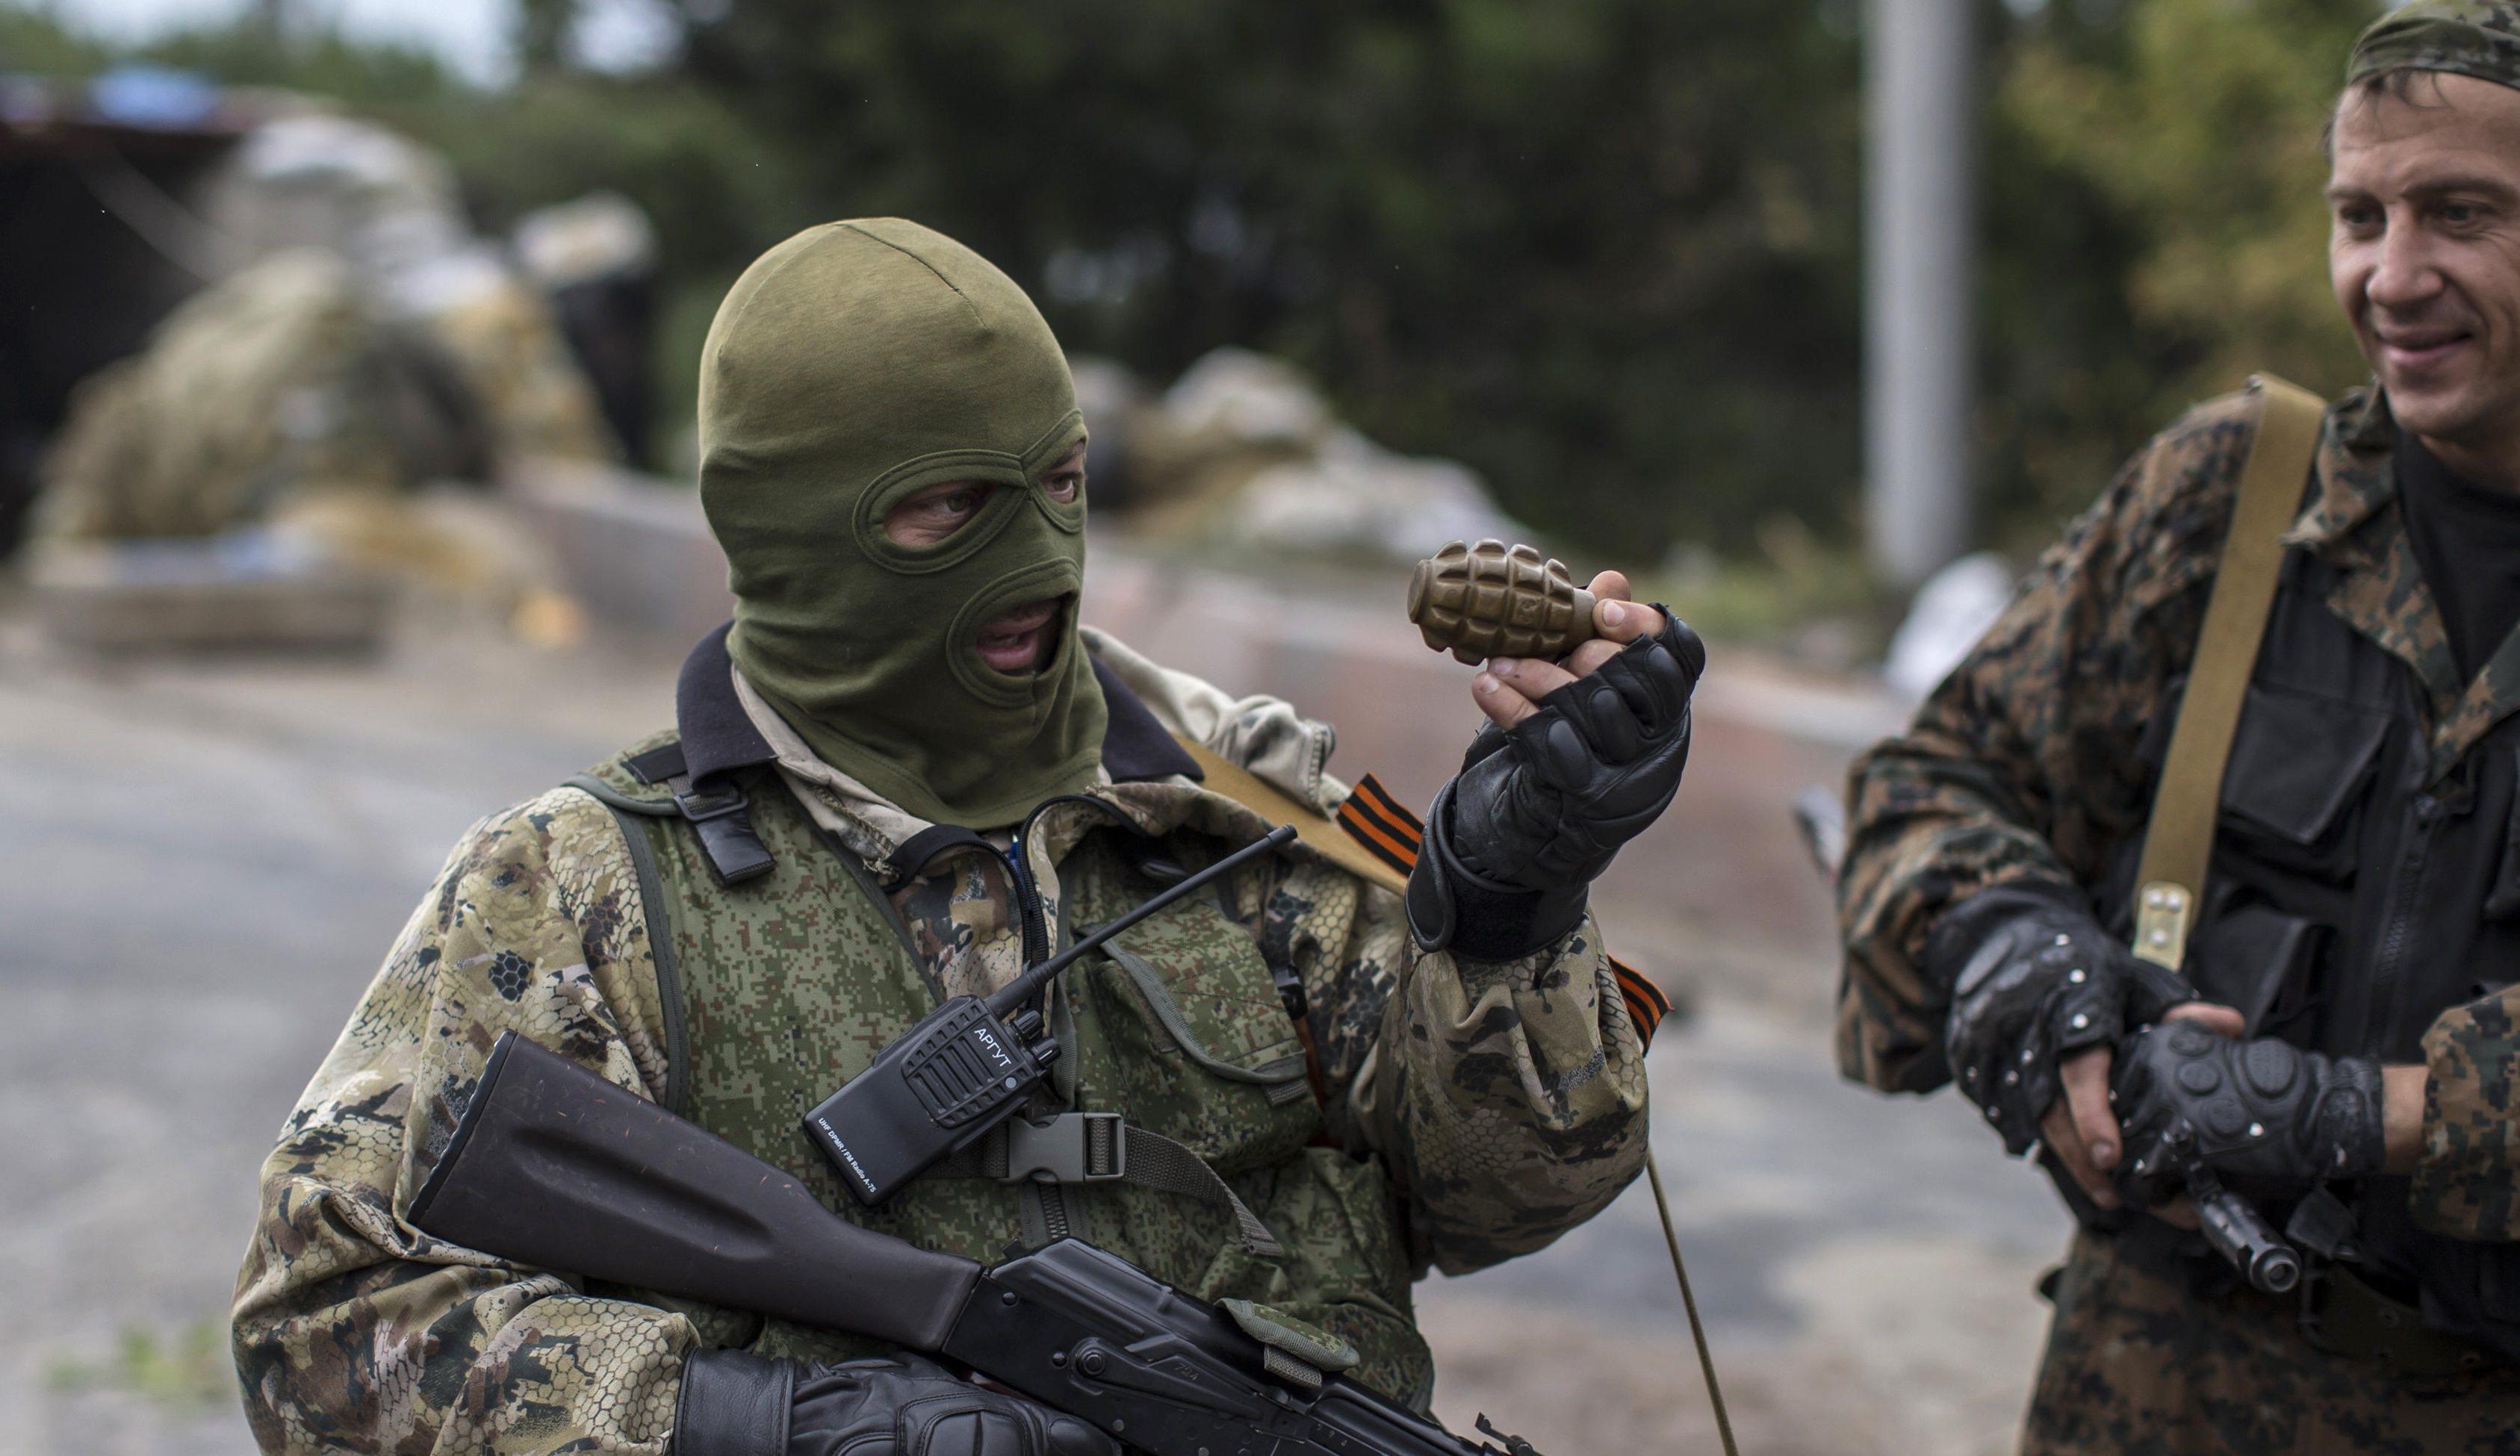 Ночь в зоне проведения АТО: российско-террористические войска активизировались на донецком направлении и в районе Мариуполя